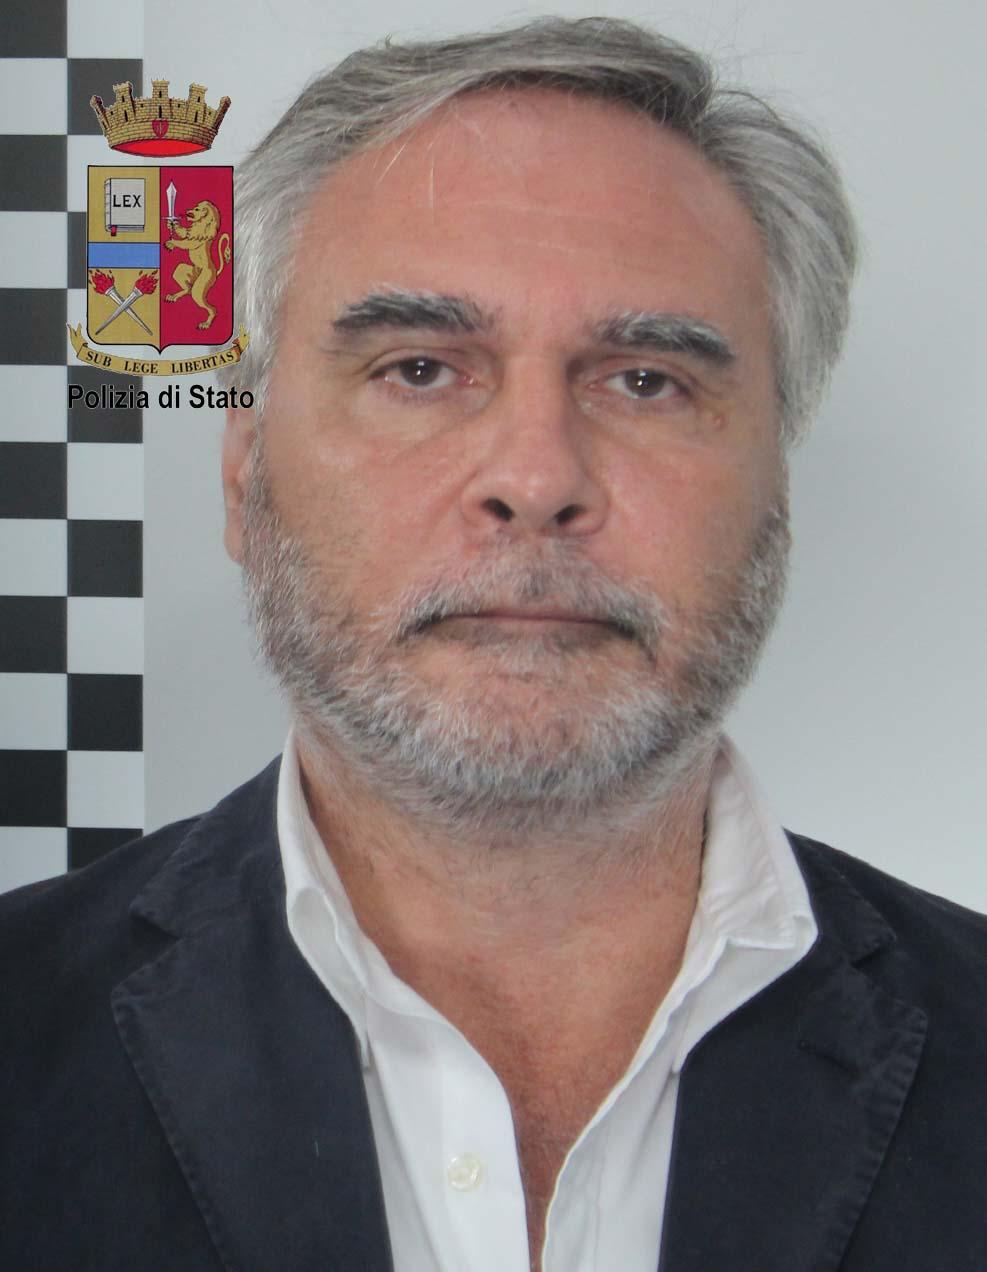 Carlo Borrella